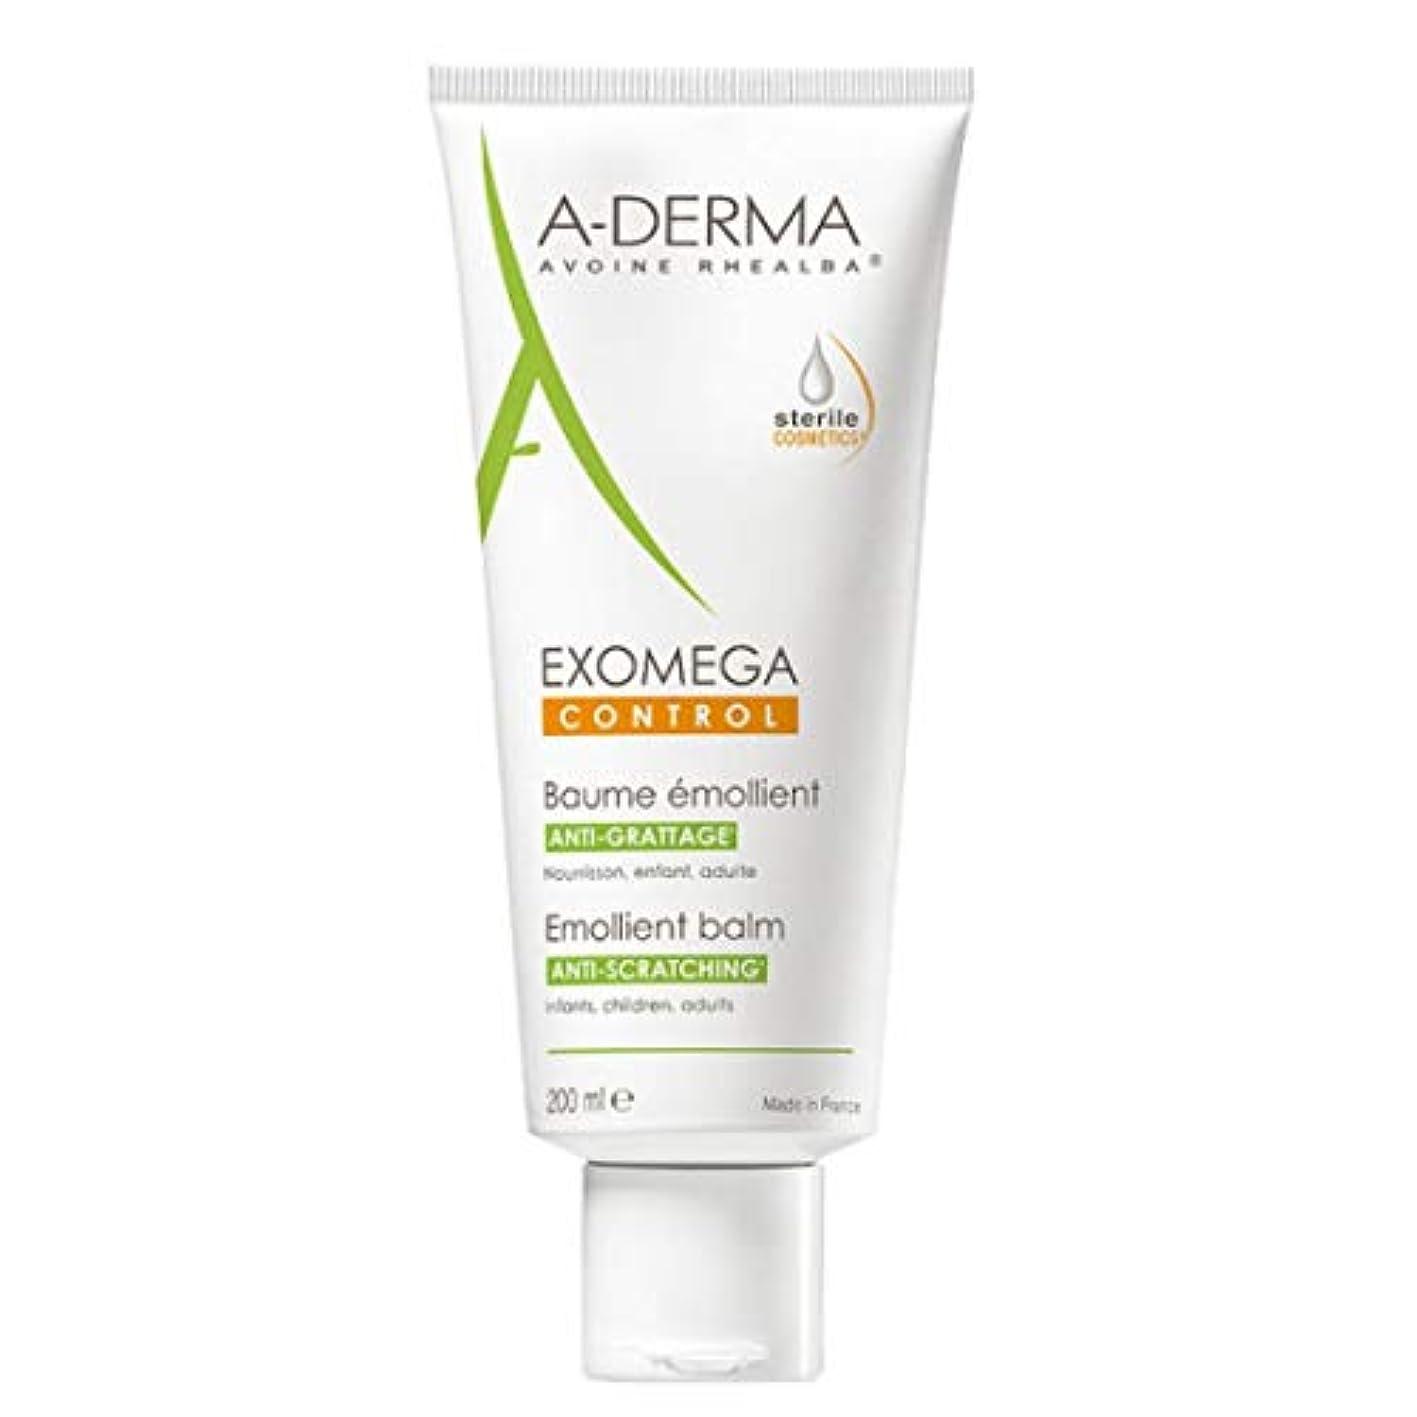 第五役立つ条件付きA-derma Exomega Control Emollient Balm 200ml [並行輸入品]